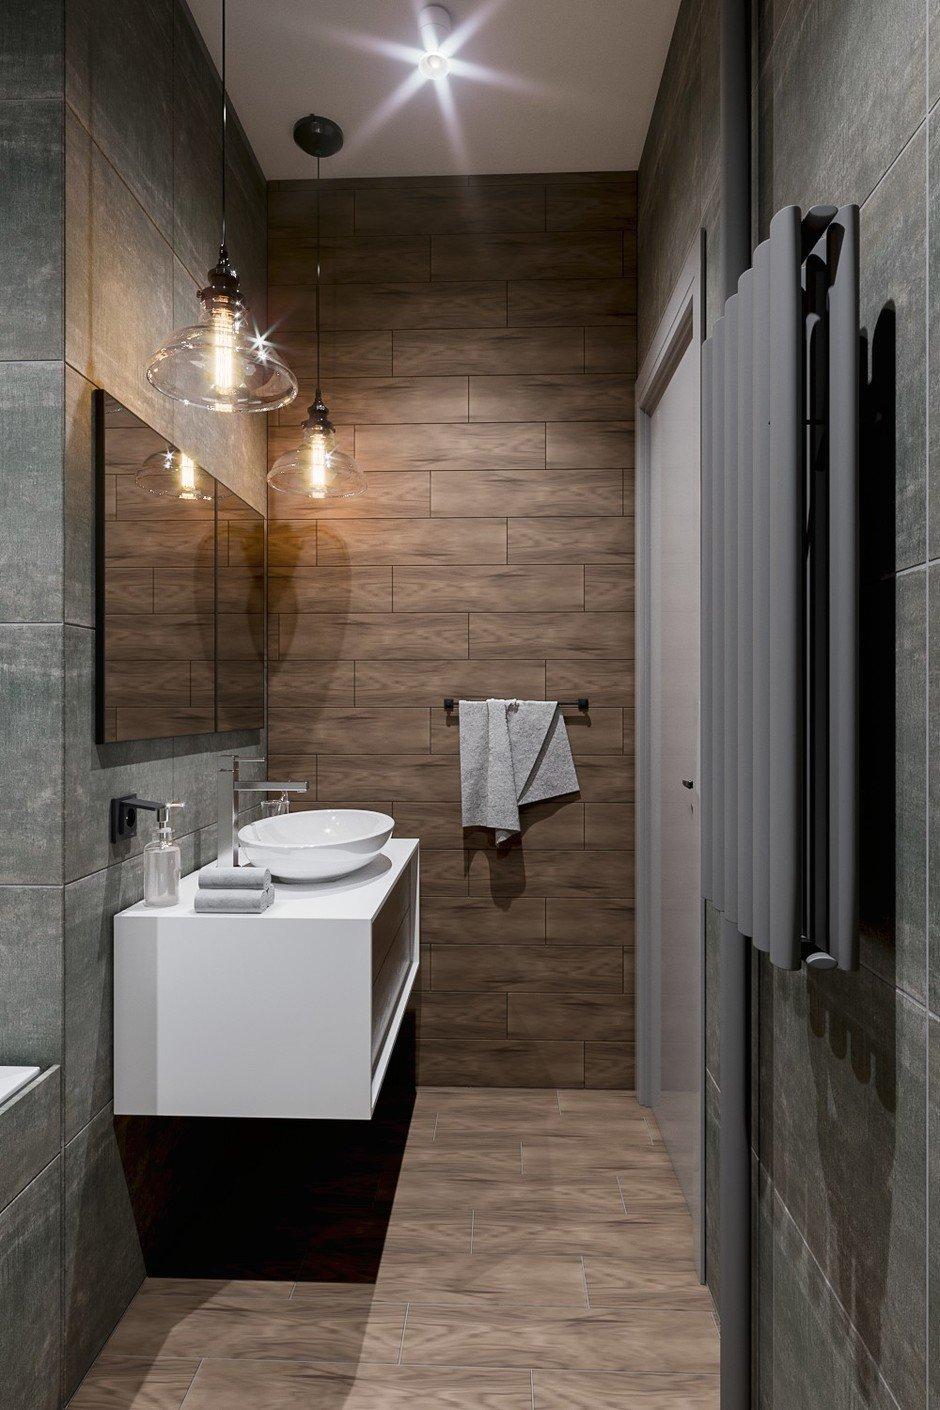 Фотография: Ванная в стиле Лофт, Квартира, Проект недели, Москва, Монолитный дом, 2 комнаты, 40-60 метров, CENS architects, ЖК «Технопарк» – фото на InMyRoom.ru